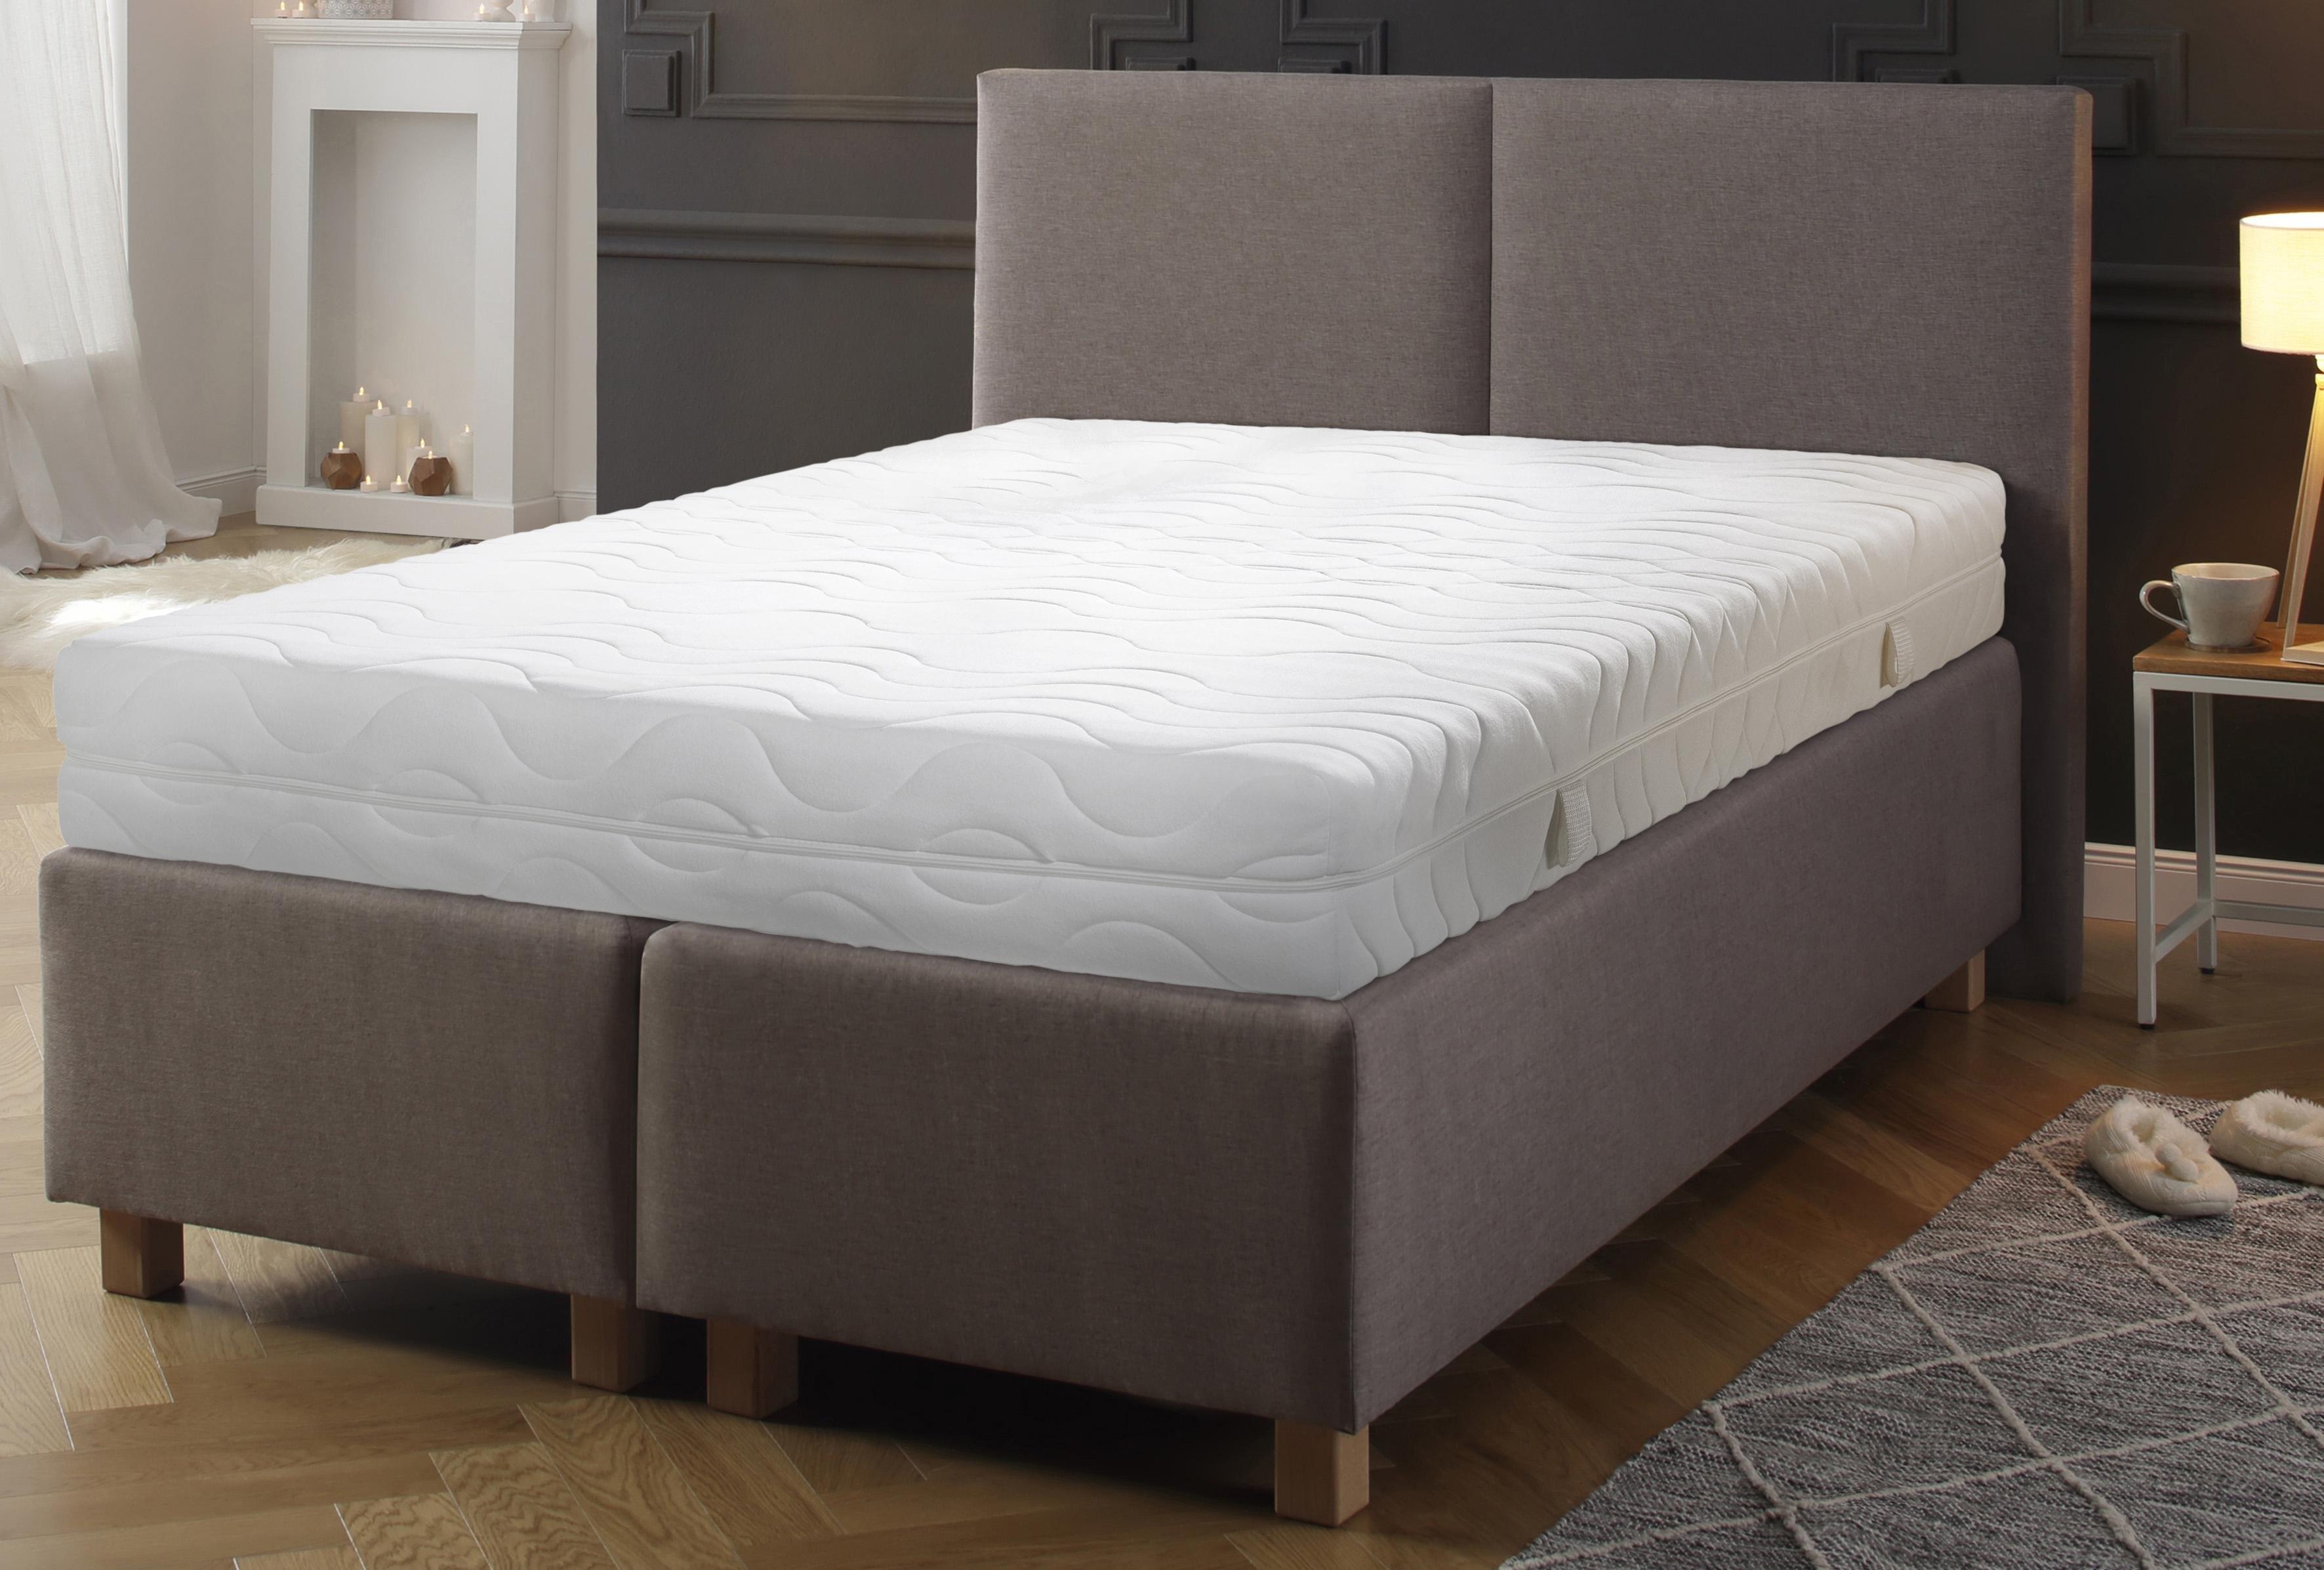 Beco Comfortschuimmatras »Premium KS«, 22 cm dik, dichtheid: 28 online kopen op otto.nl